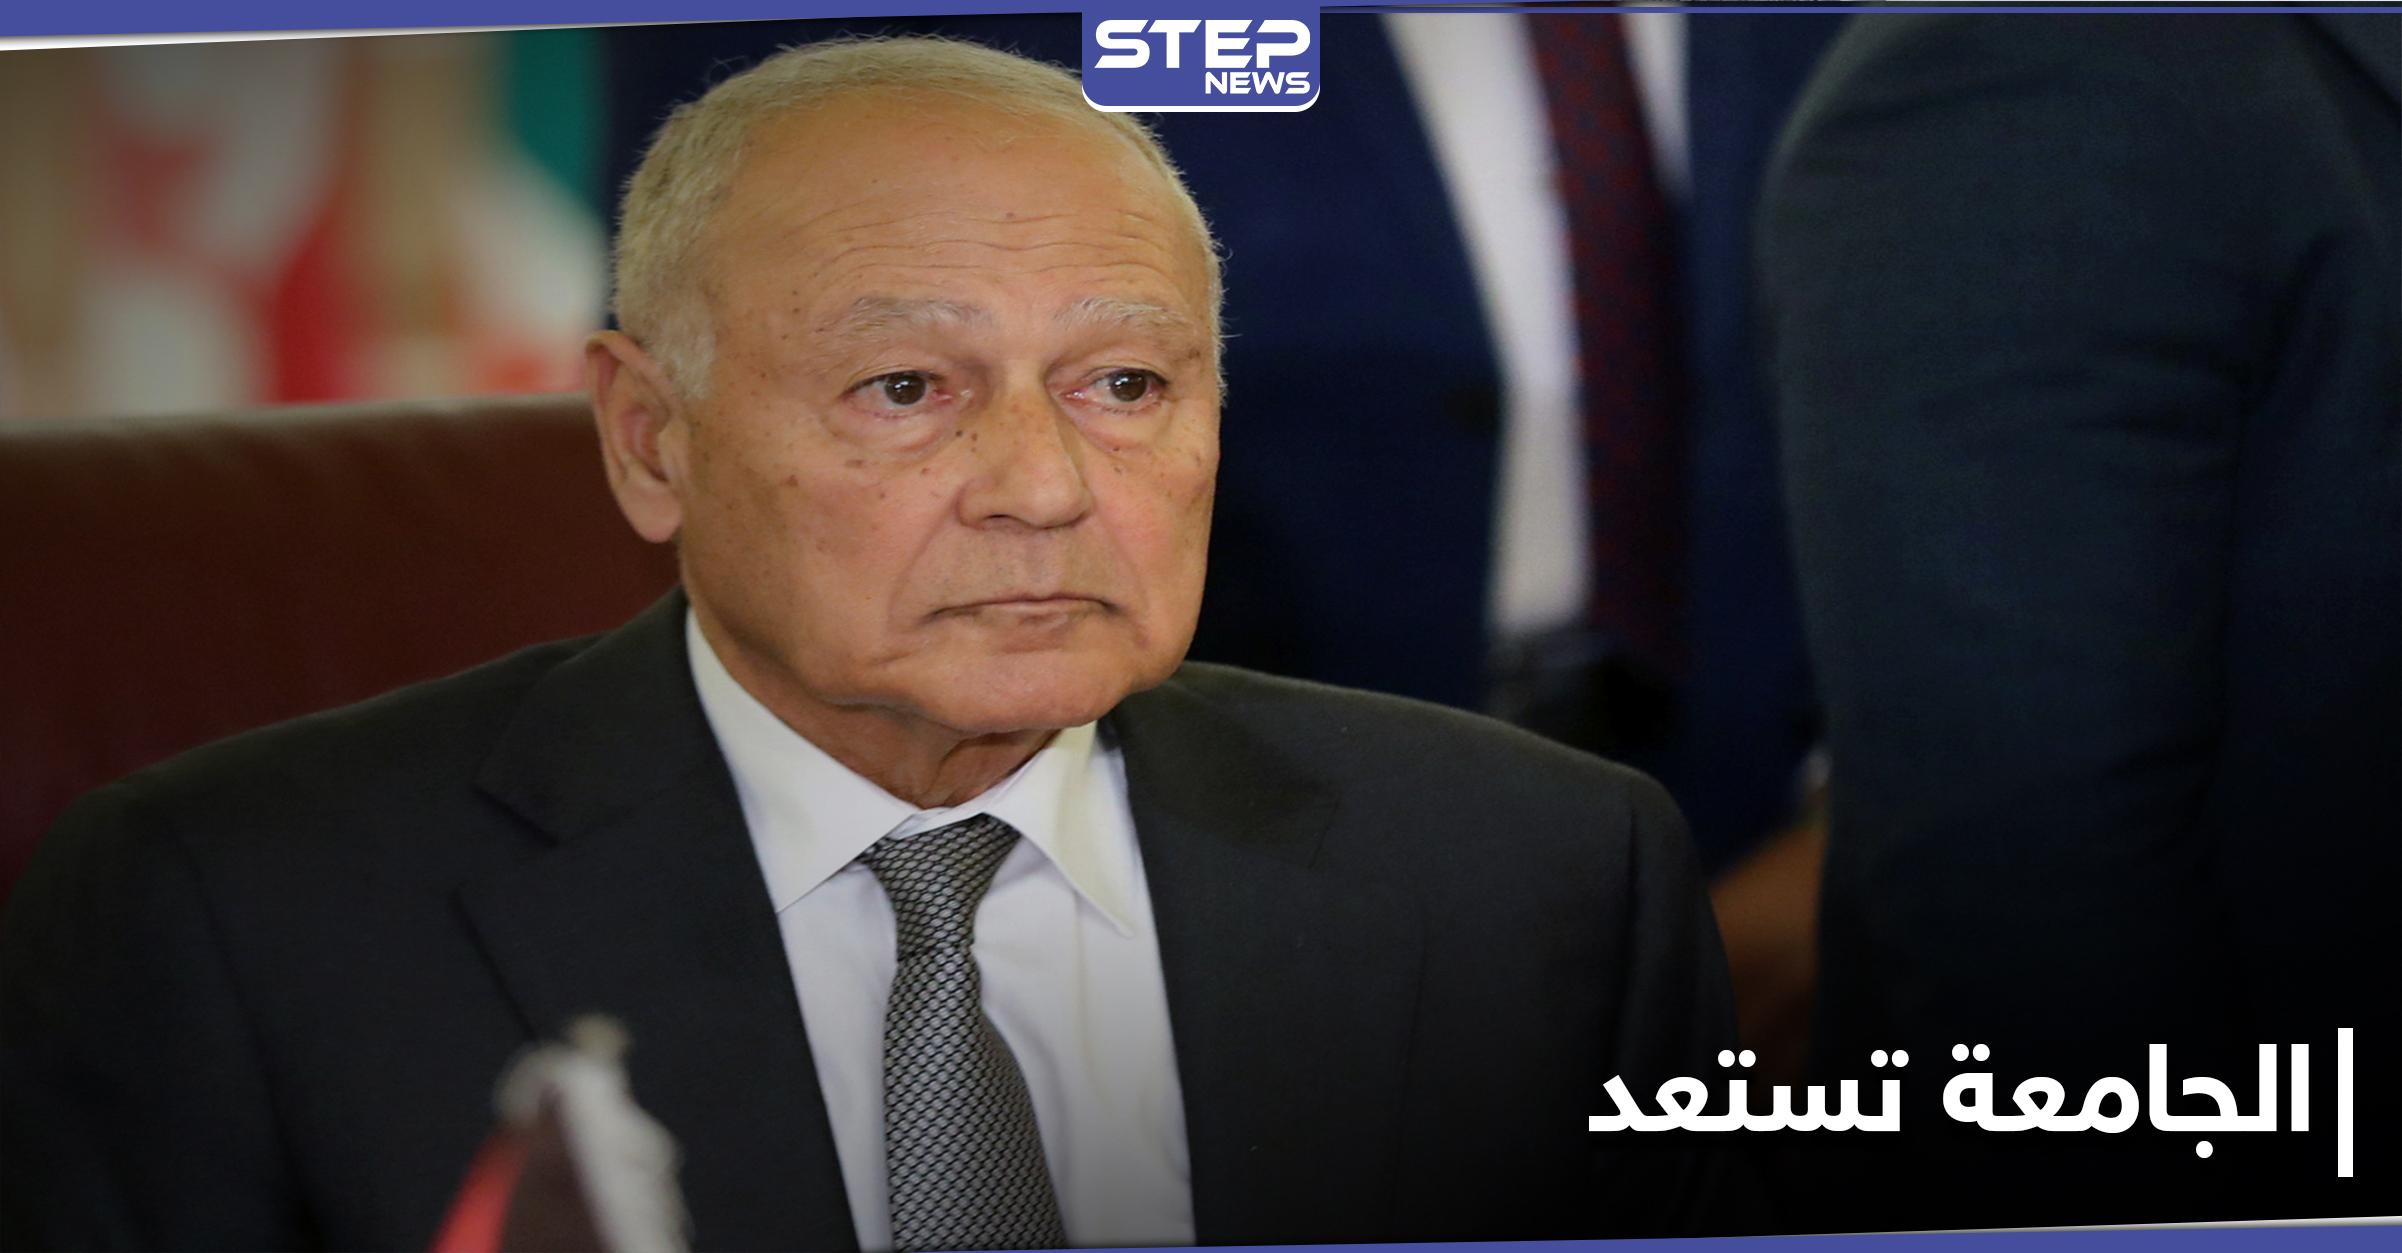 الجامعة العربية تعلن استعدادها لتسوية الأزمة اللبنانية